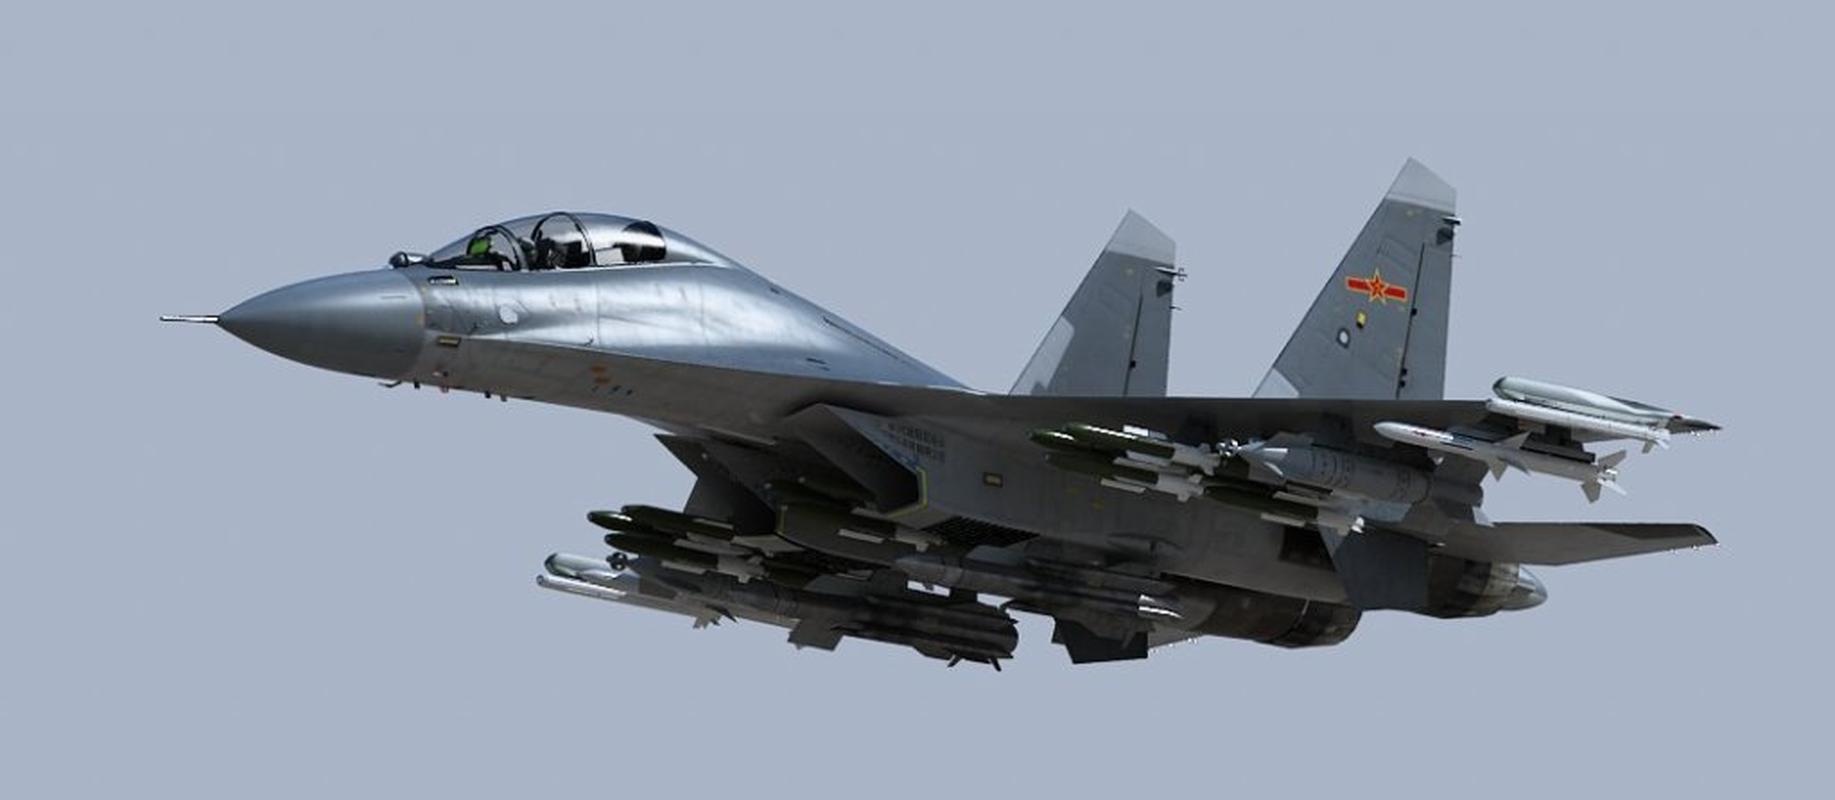 Trung Quoc chi can J-16 de chong lai Su-30 va Rafale cua An Do?-Hinh-8